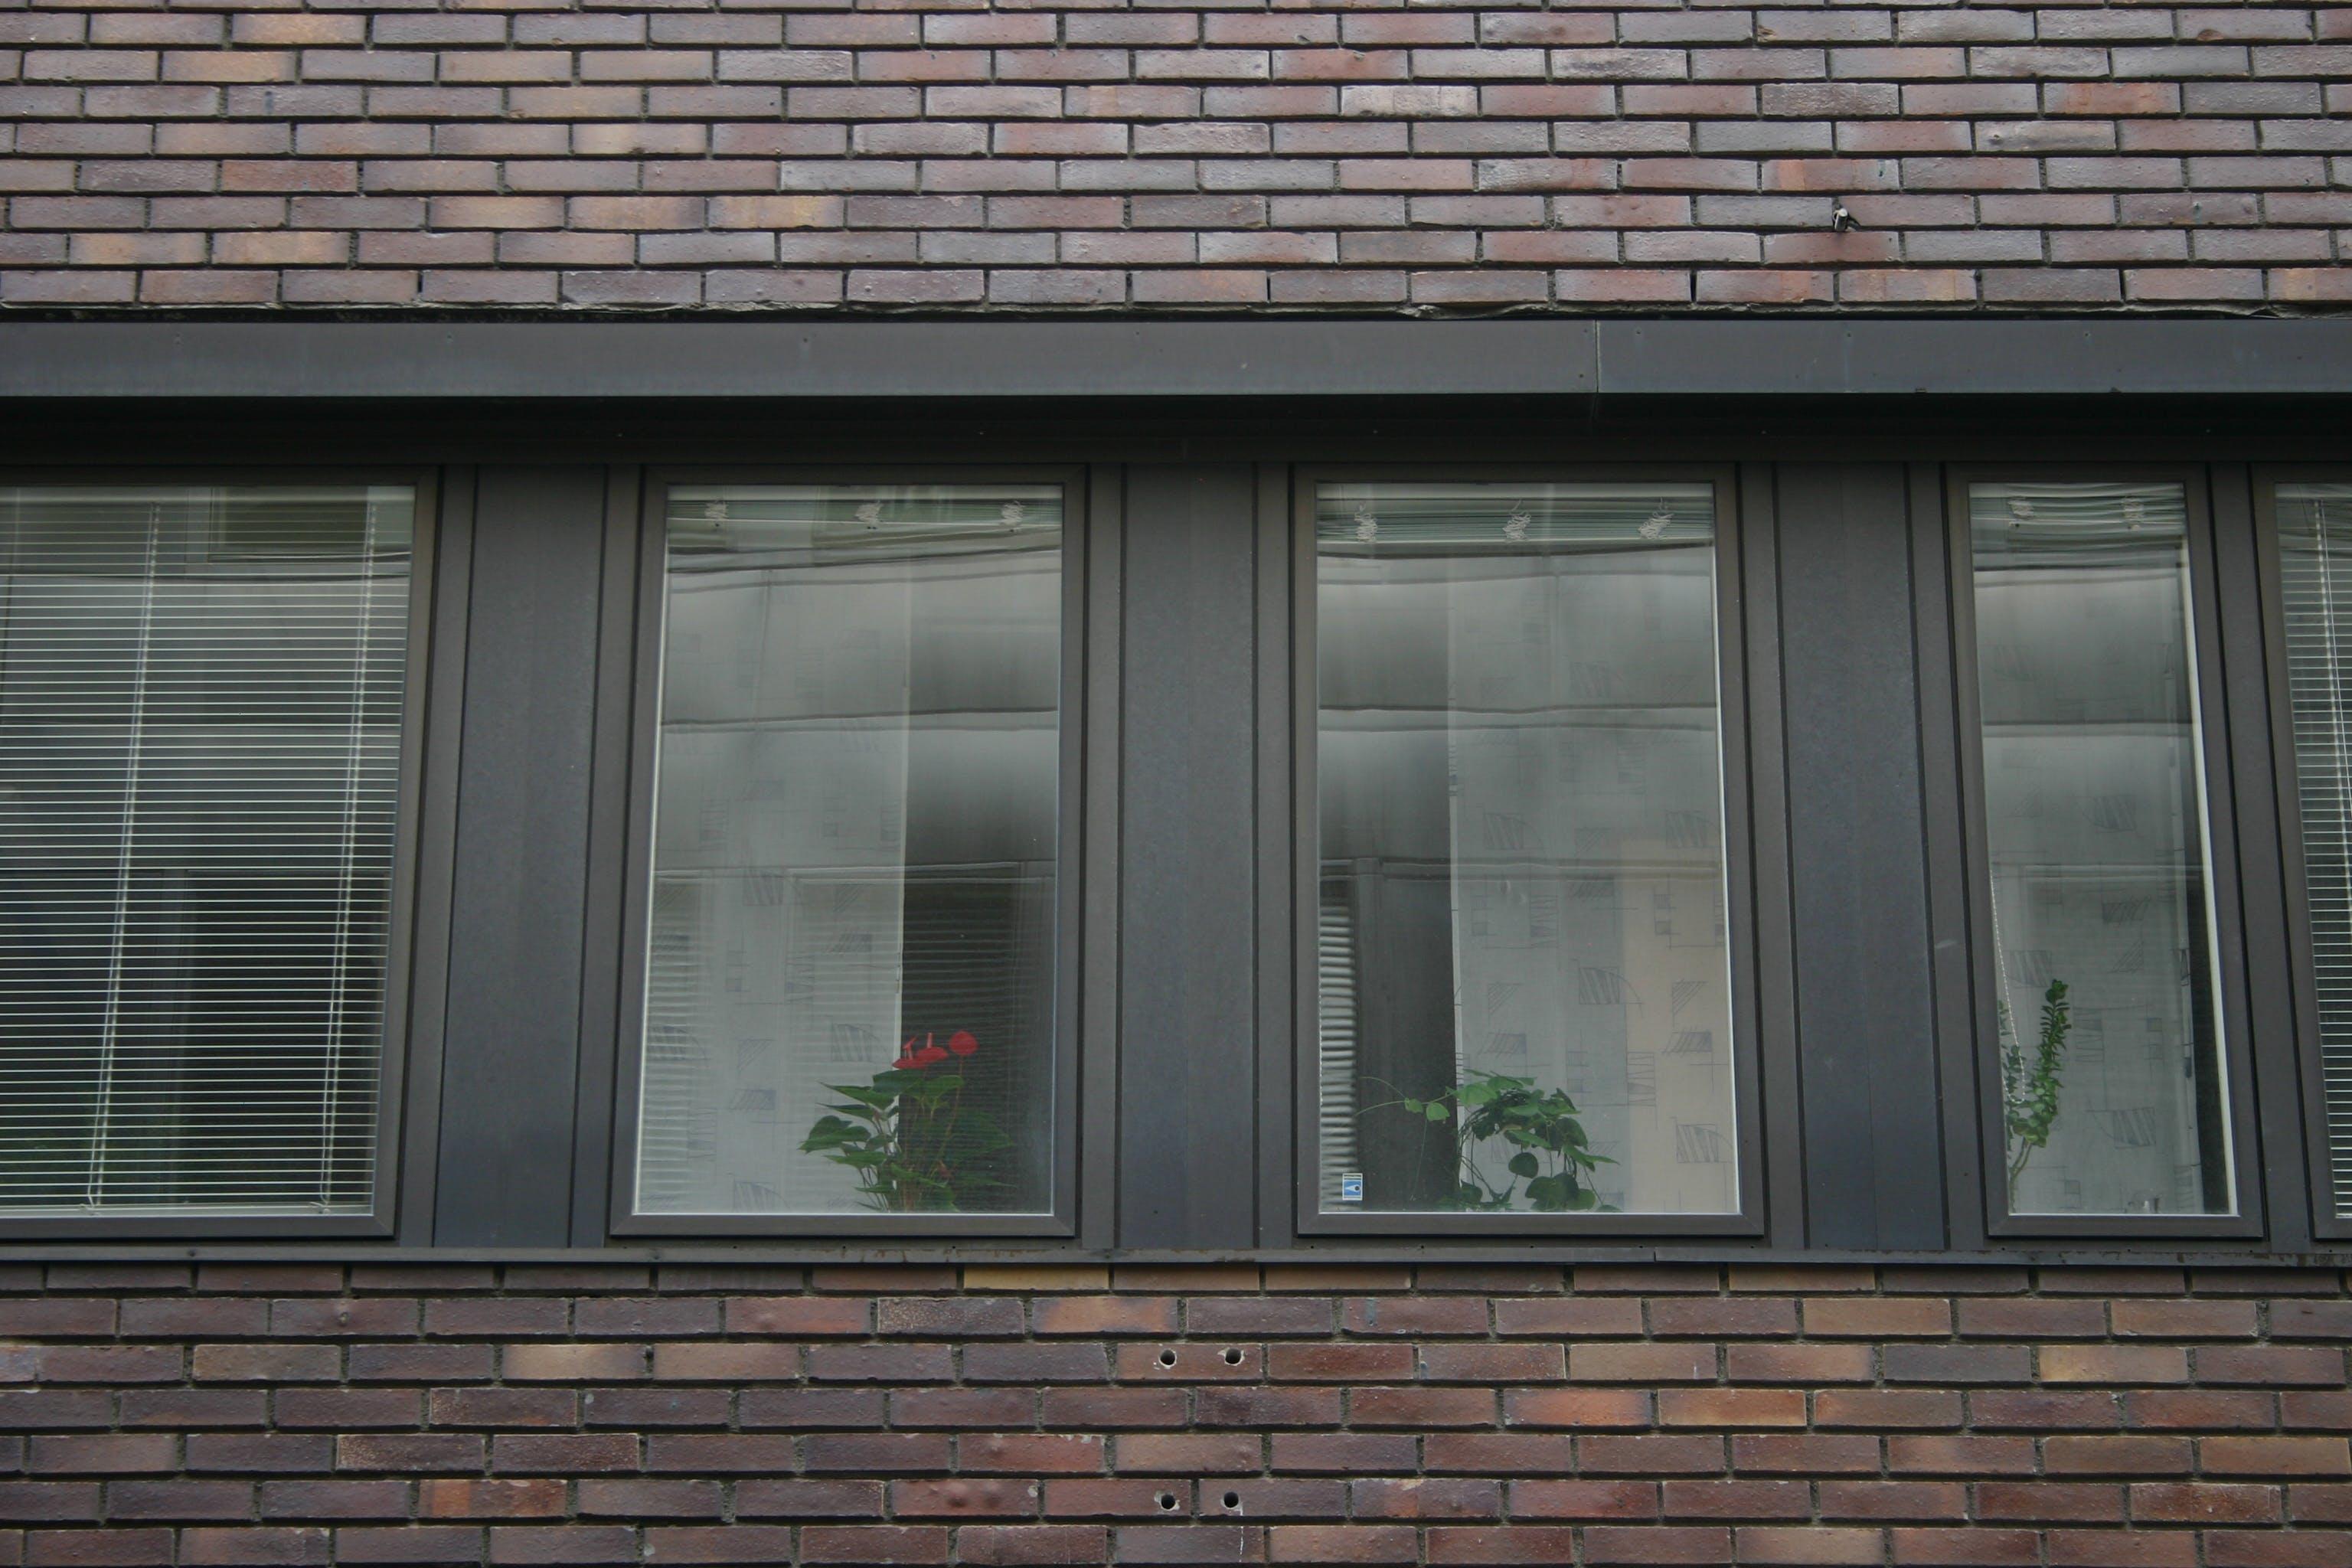 Fotos de stock gratuitas de acero, antiguo, arquitectura, artículos de cristal